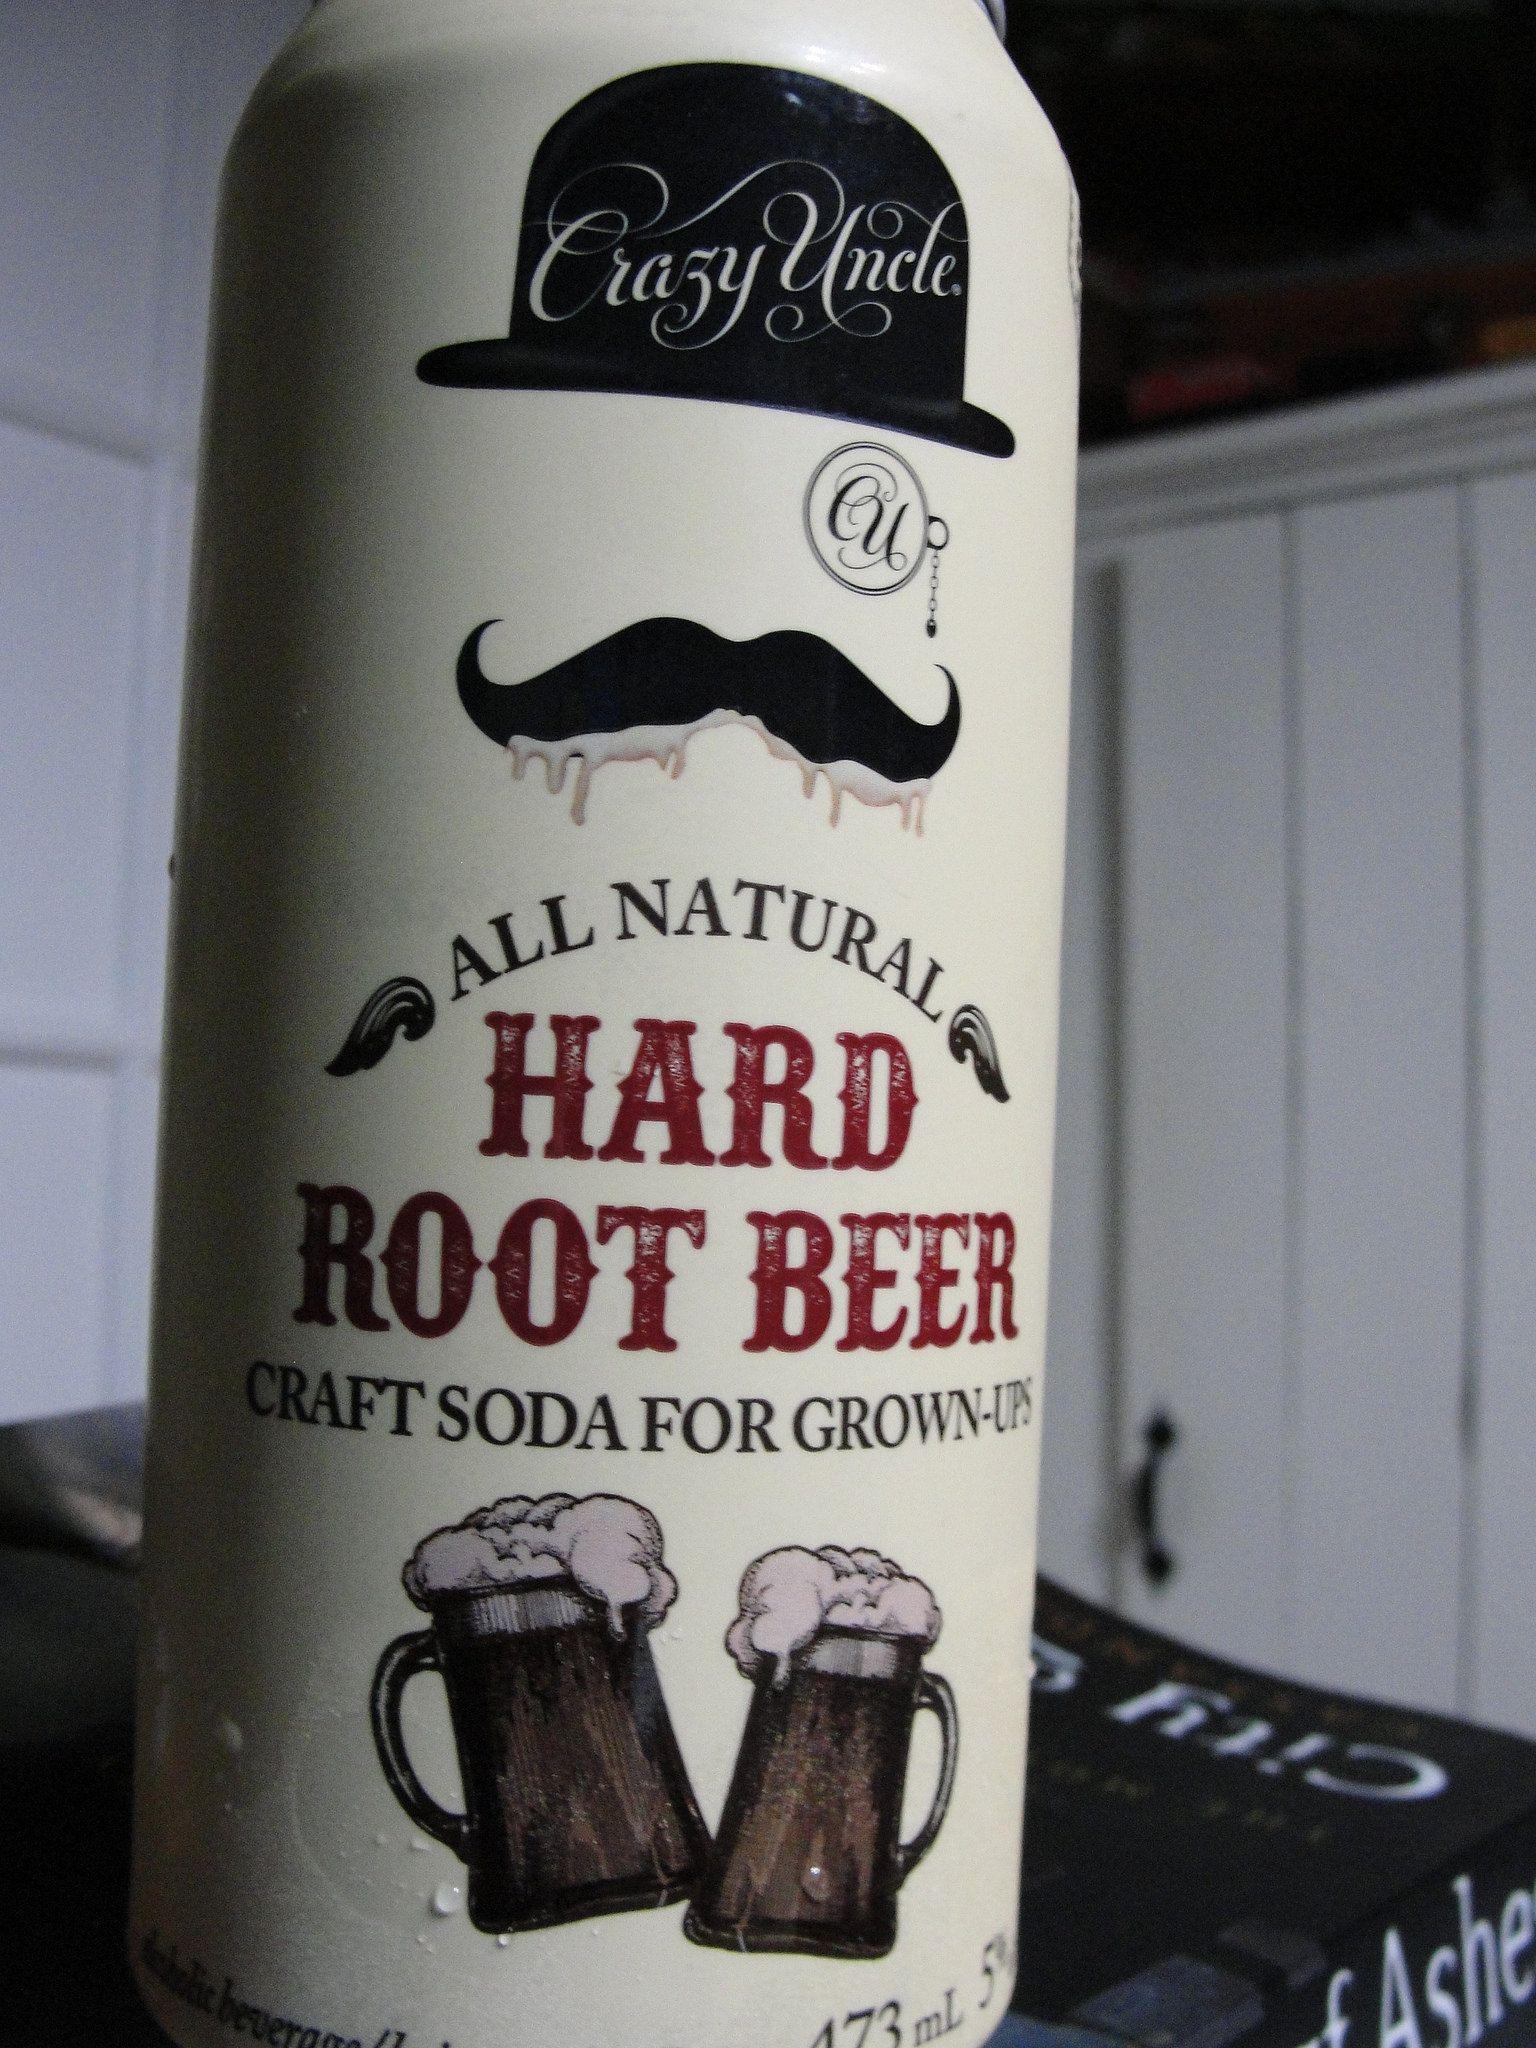 15+ Craft root beer ontario info